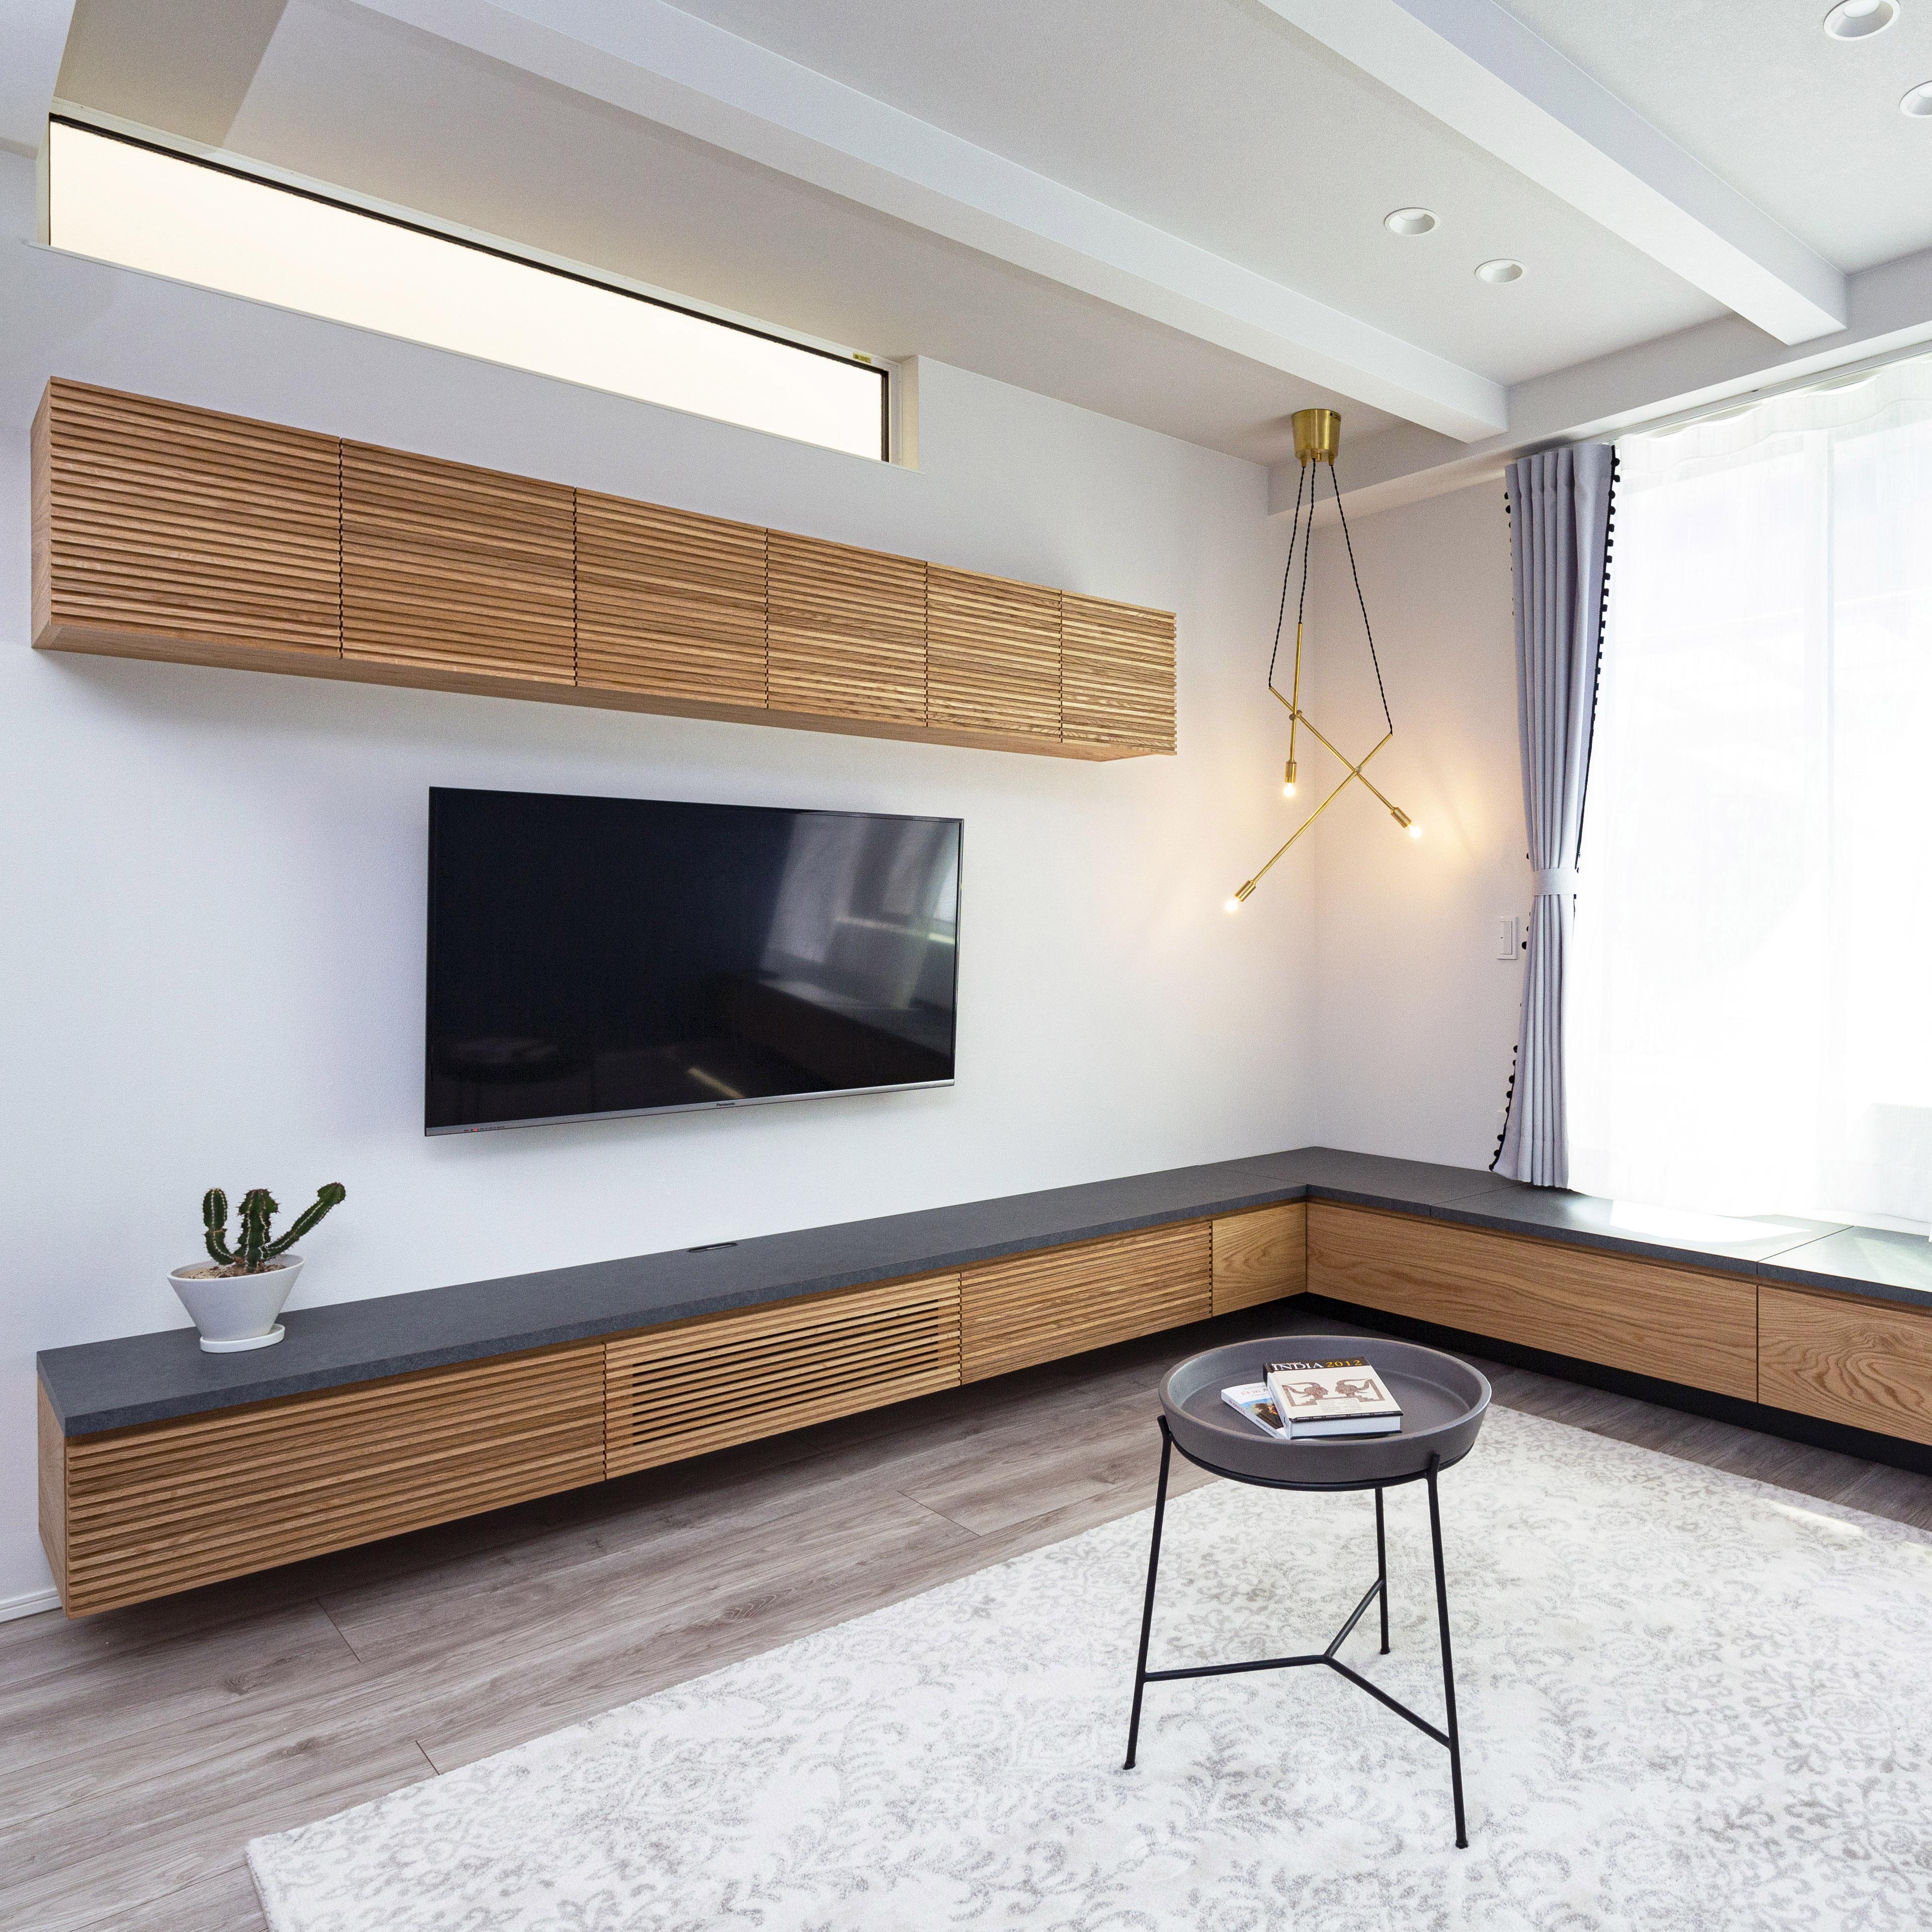 テレビボードと収納付きベンチ